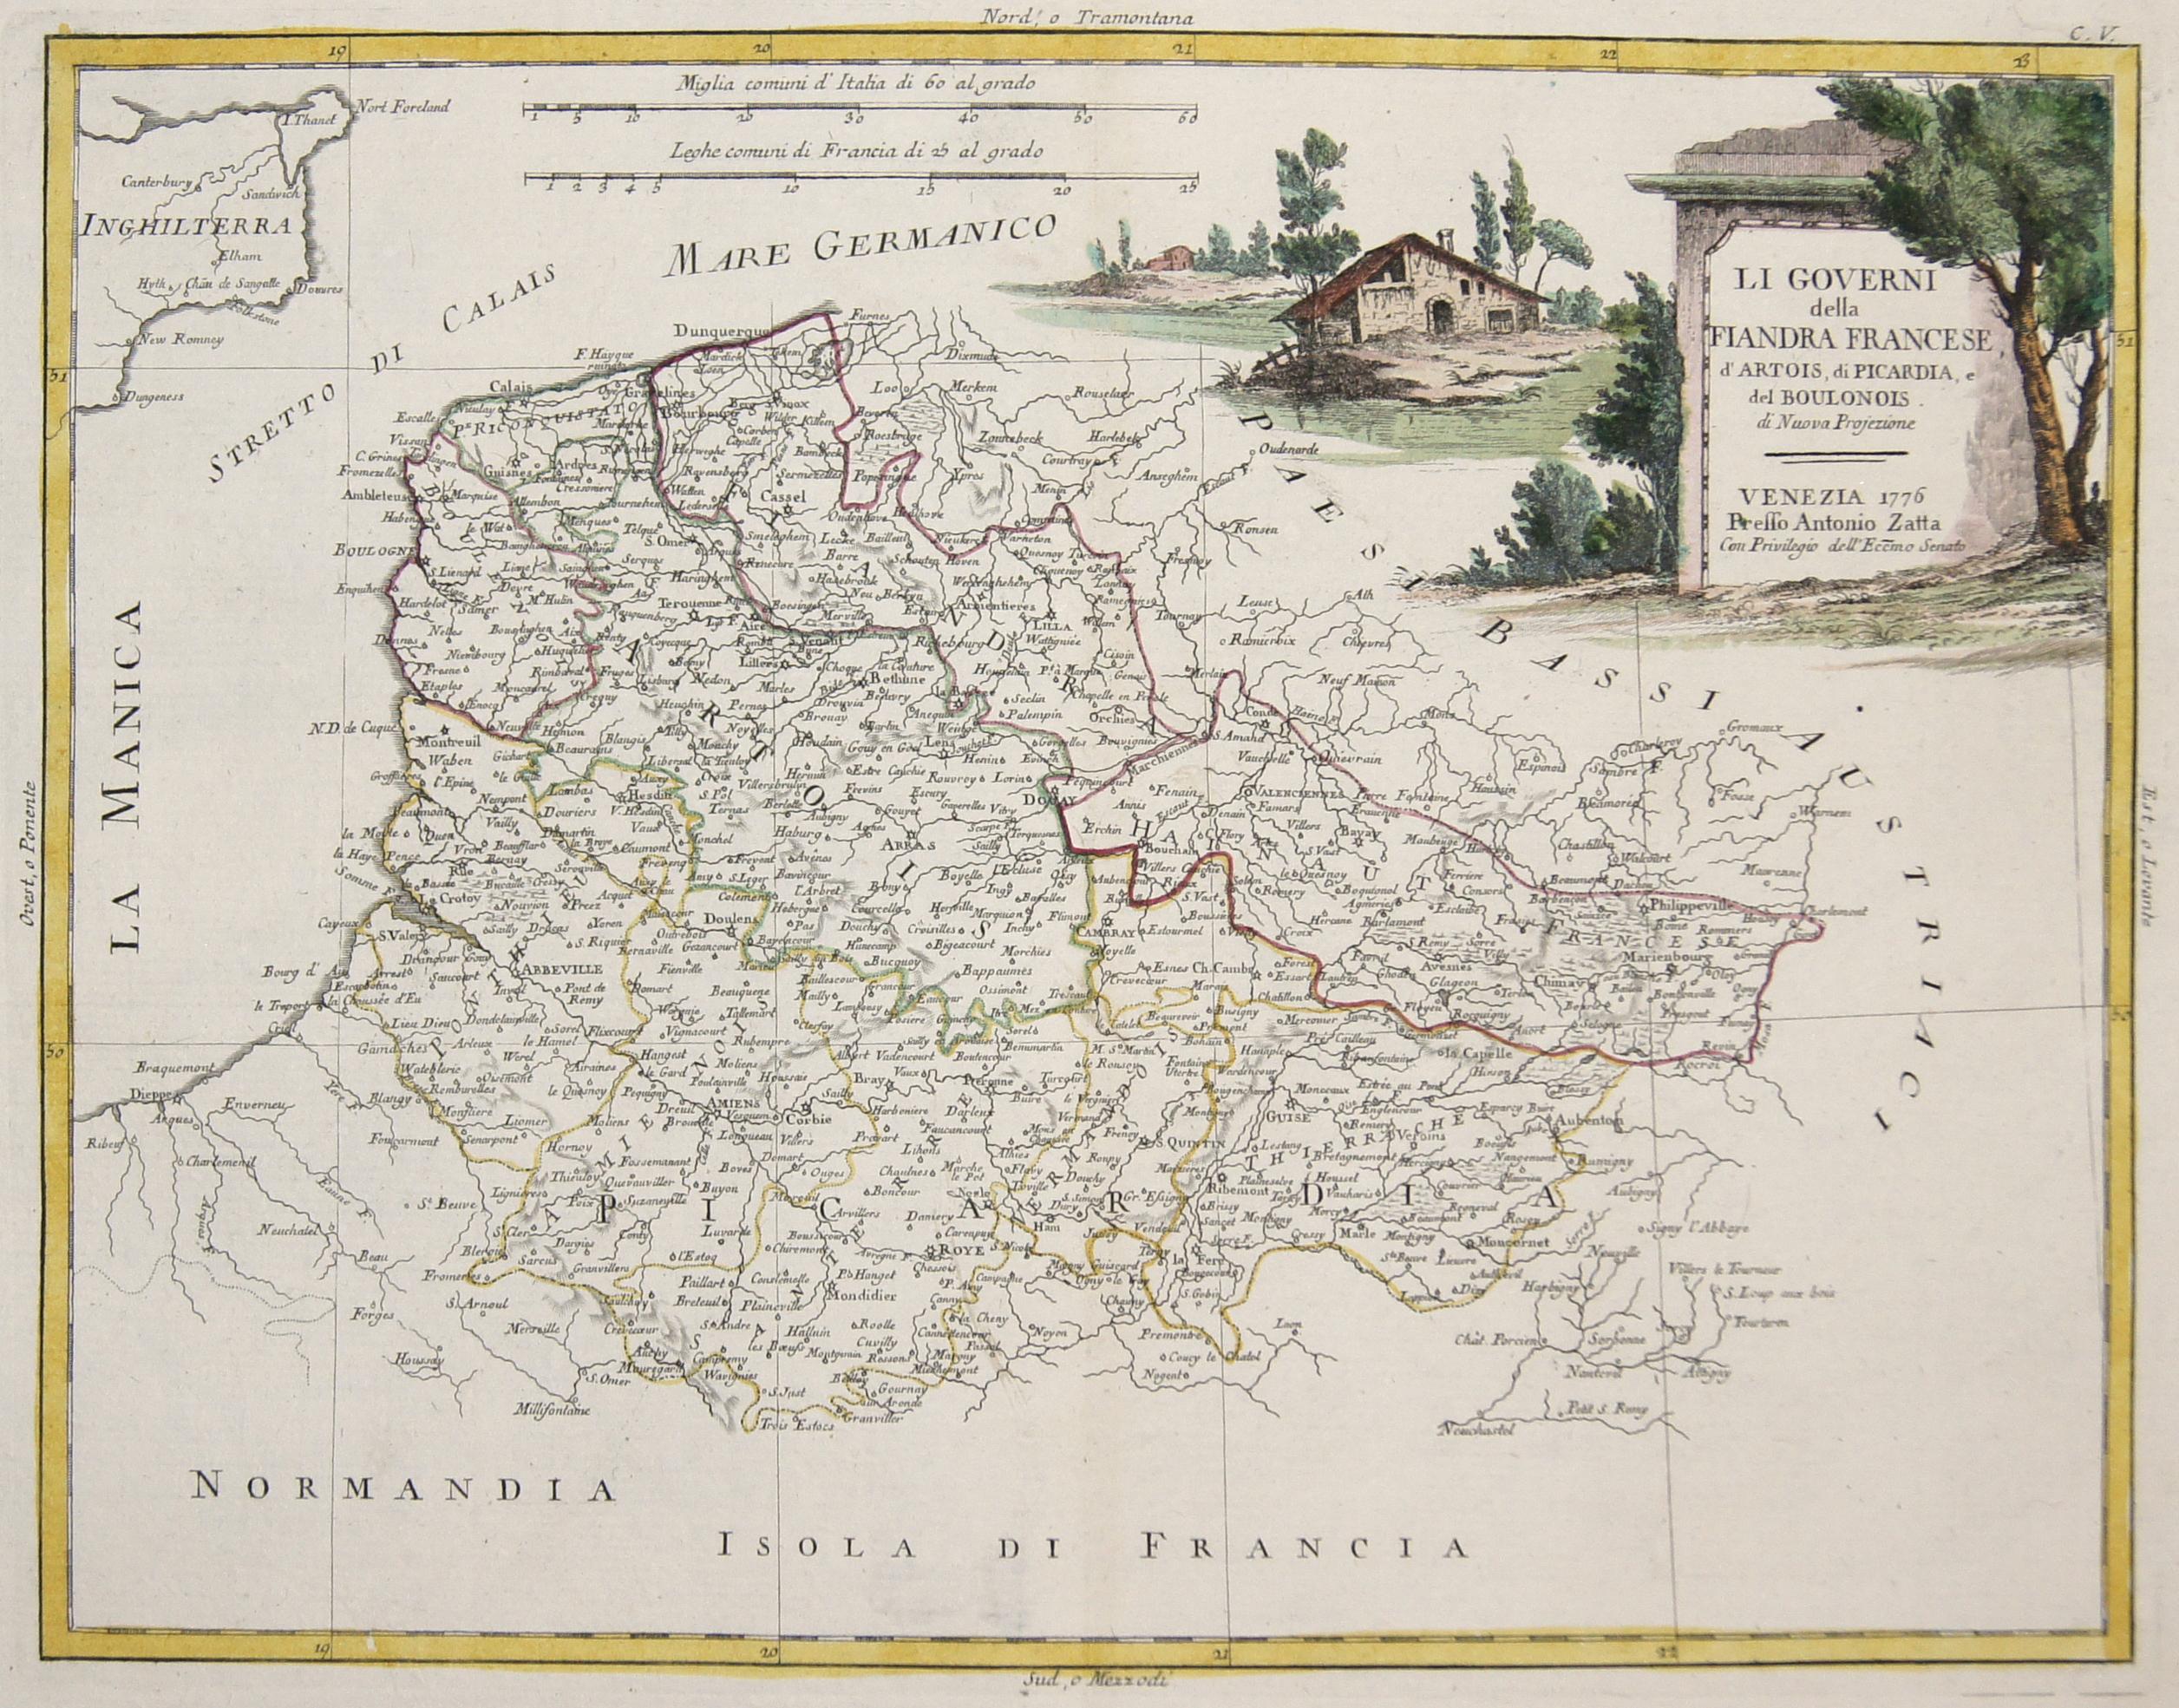 Zatta  Li Governi della Fiandra Francese, kd'Artois, di Picardia, e del Boulonois.